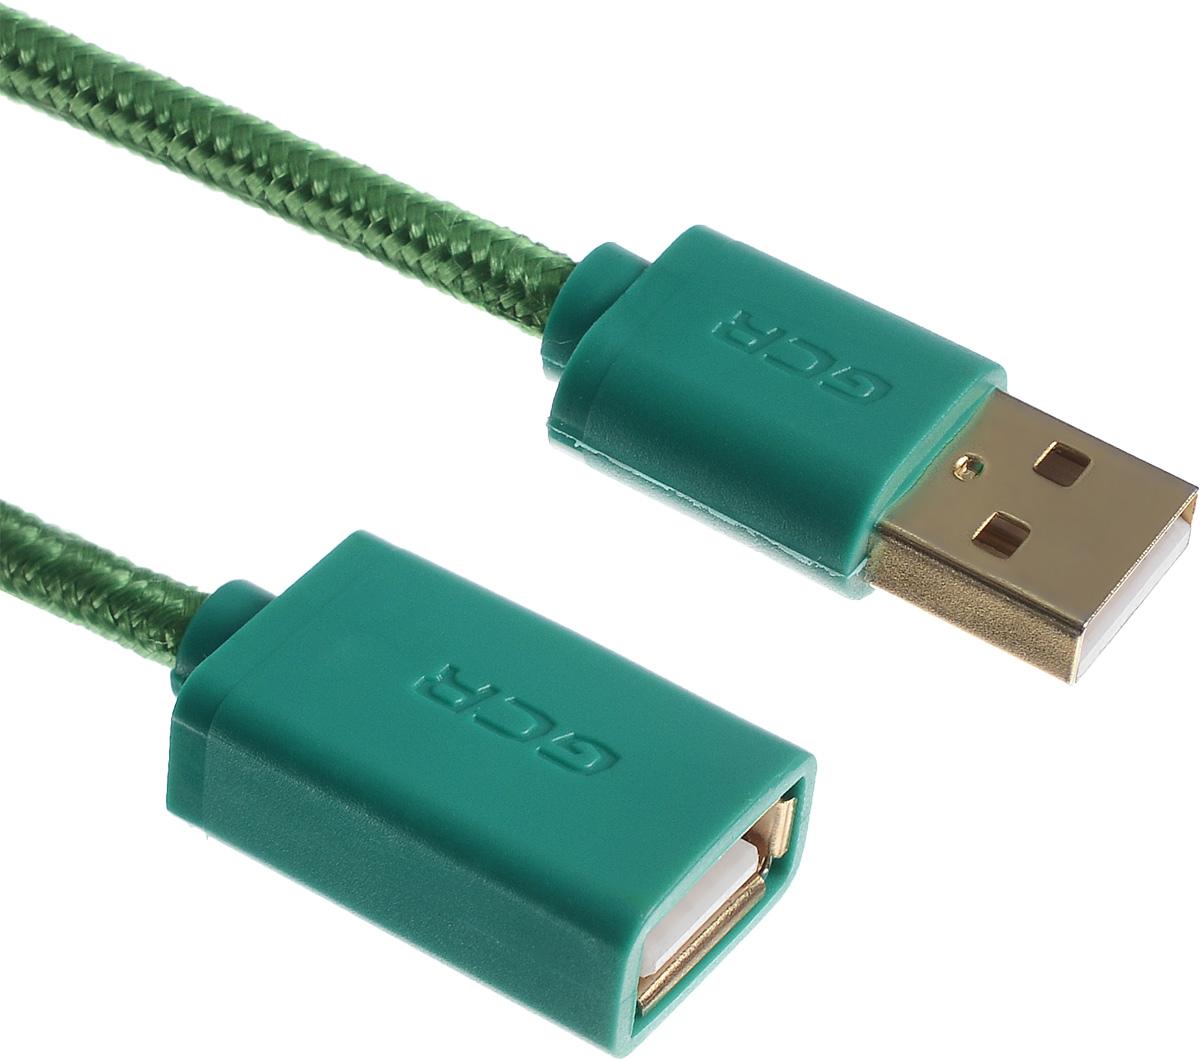 Greenconnect Russia GCR-UEC8M5-BB2SG, Green удлинитель USB 2.0 (0,75 м)GCR-UEC8M5-BB2SG-0.75mКабель-удлинитель USB 2.0 Greenconnect Russia GCR-UEC8M5-BB2SG позволит увеличить расстояние до подключаемого устройства. Может быть использован с различными USB девайсами. Экранирование кабеля защищает сигнал при передаче от влияния внешних полей, способных создать помехи.